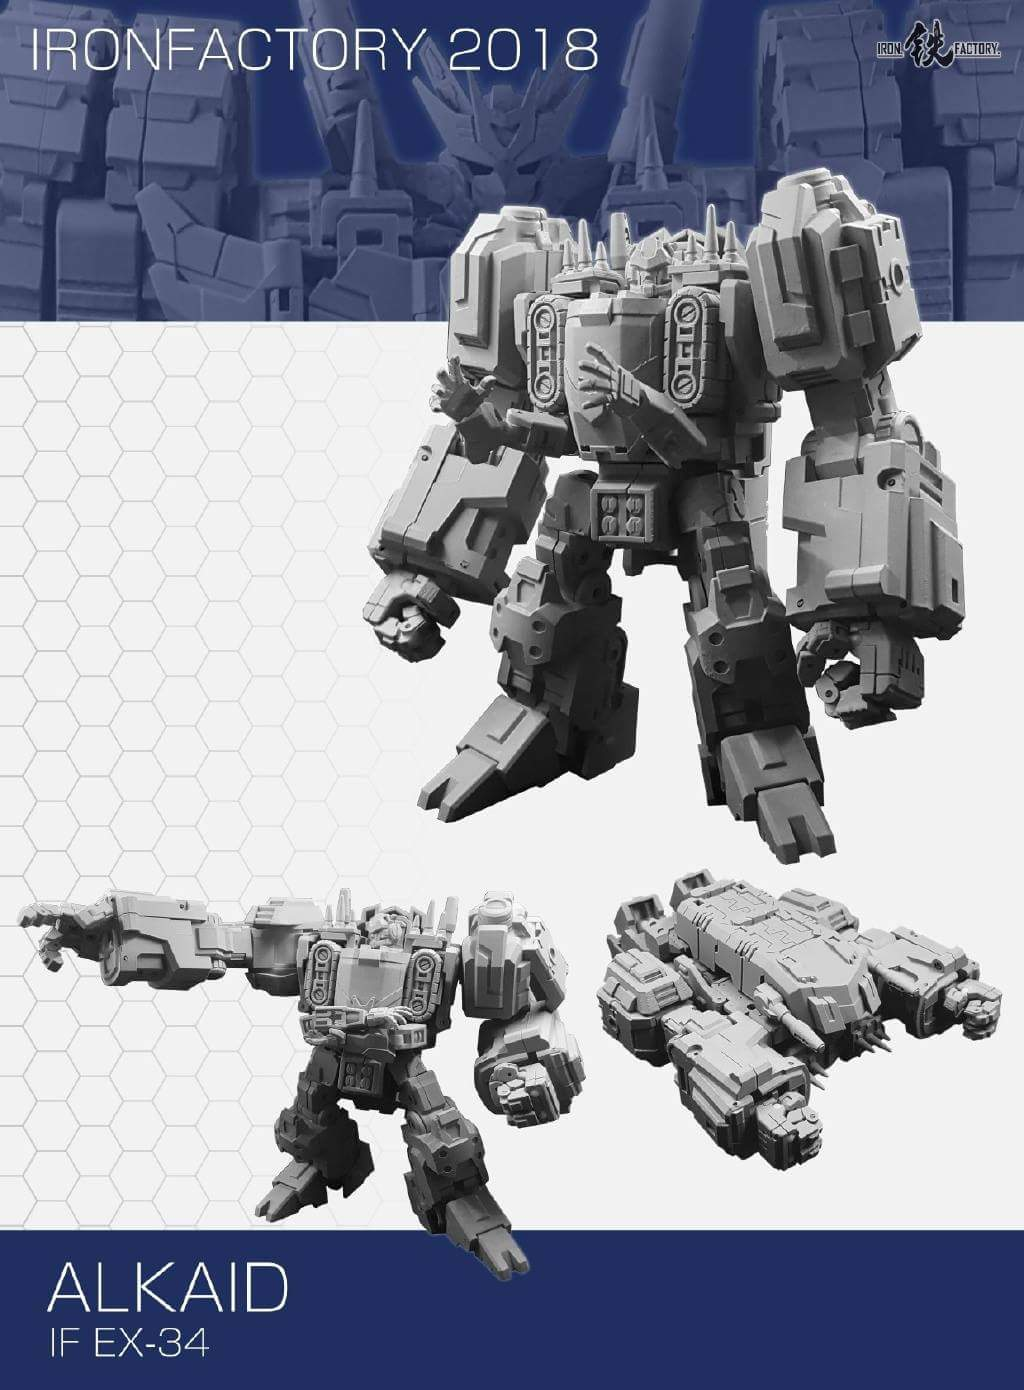 [Iron Factory] Produit Tiers - TF de la Gamme IF-EX - des BD TF d'IDW - échelle Legends - Page 5 DALTCAvo_o